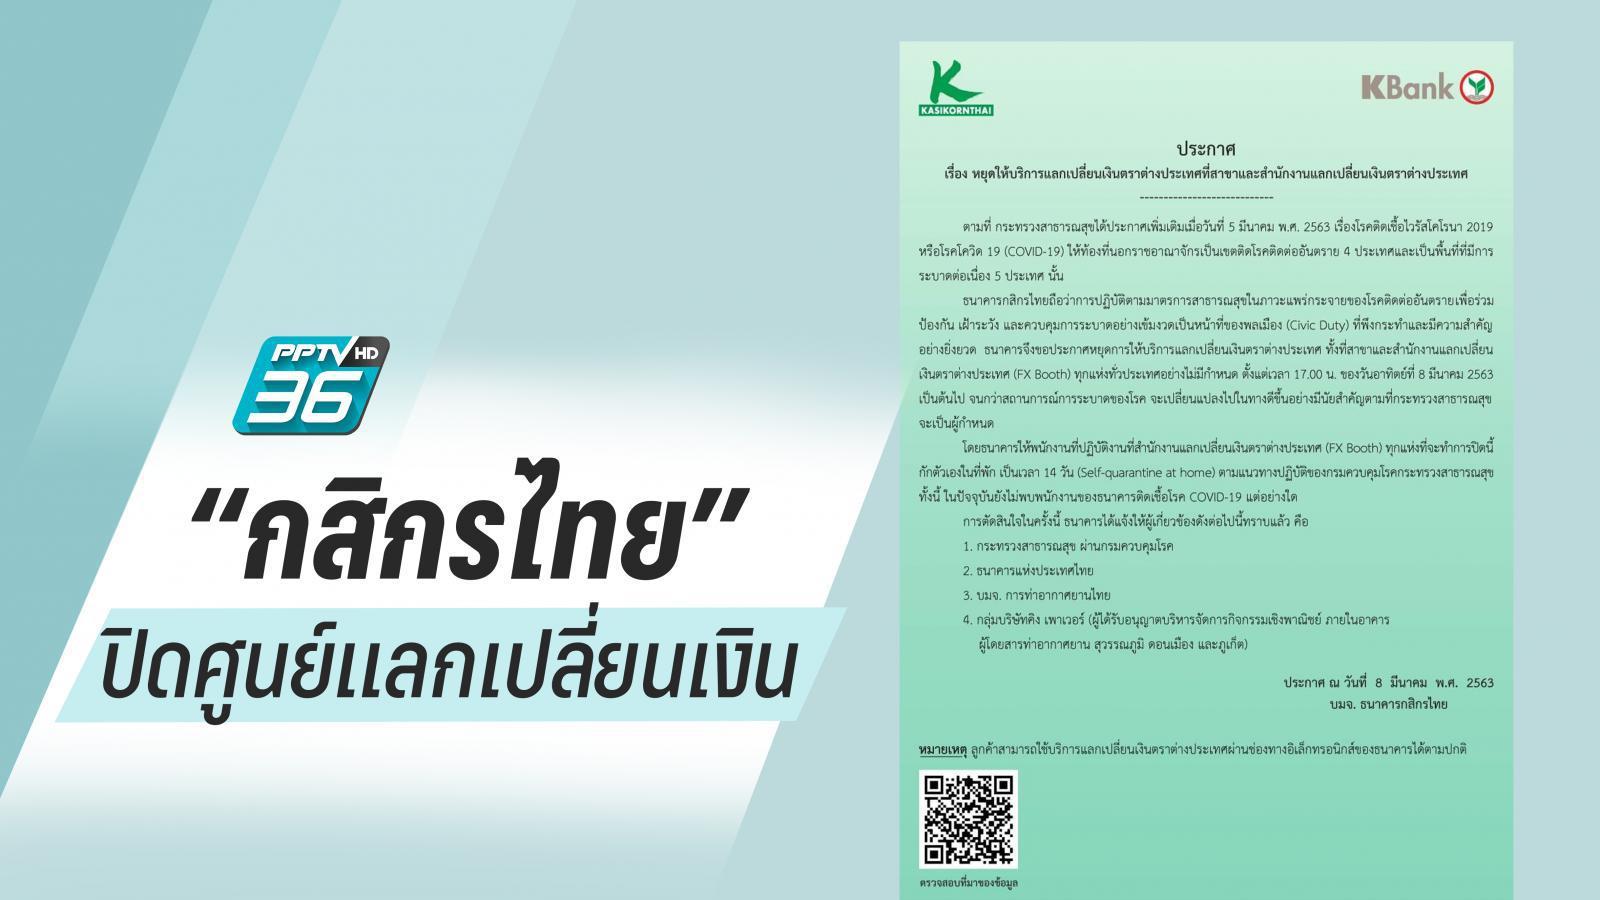 """""""กสิกรไทย"""" ปิดศูนย์บริการแลกเปลี่ยนเงินทั่วไทย สั่งพนง.กักตัวเอง 14 วัน"""